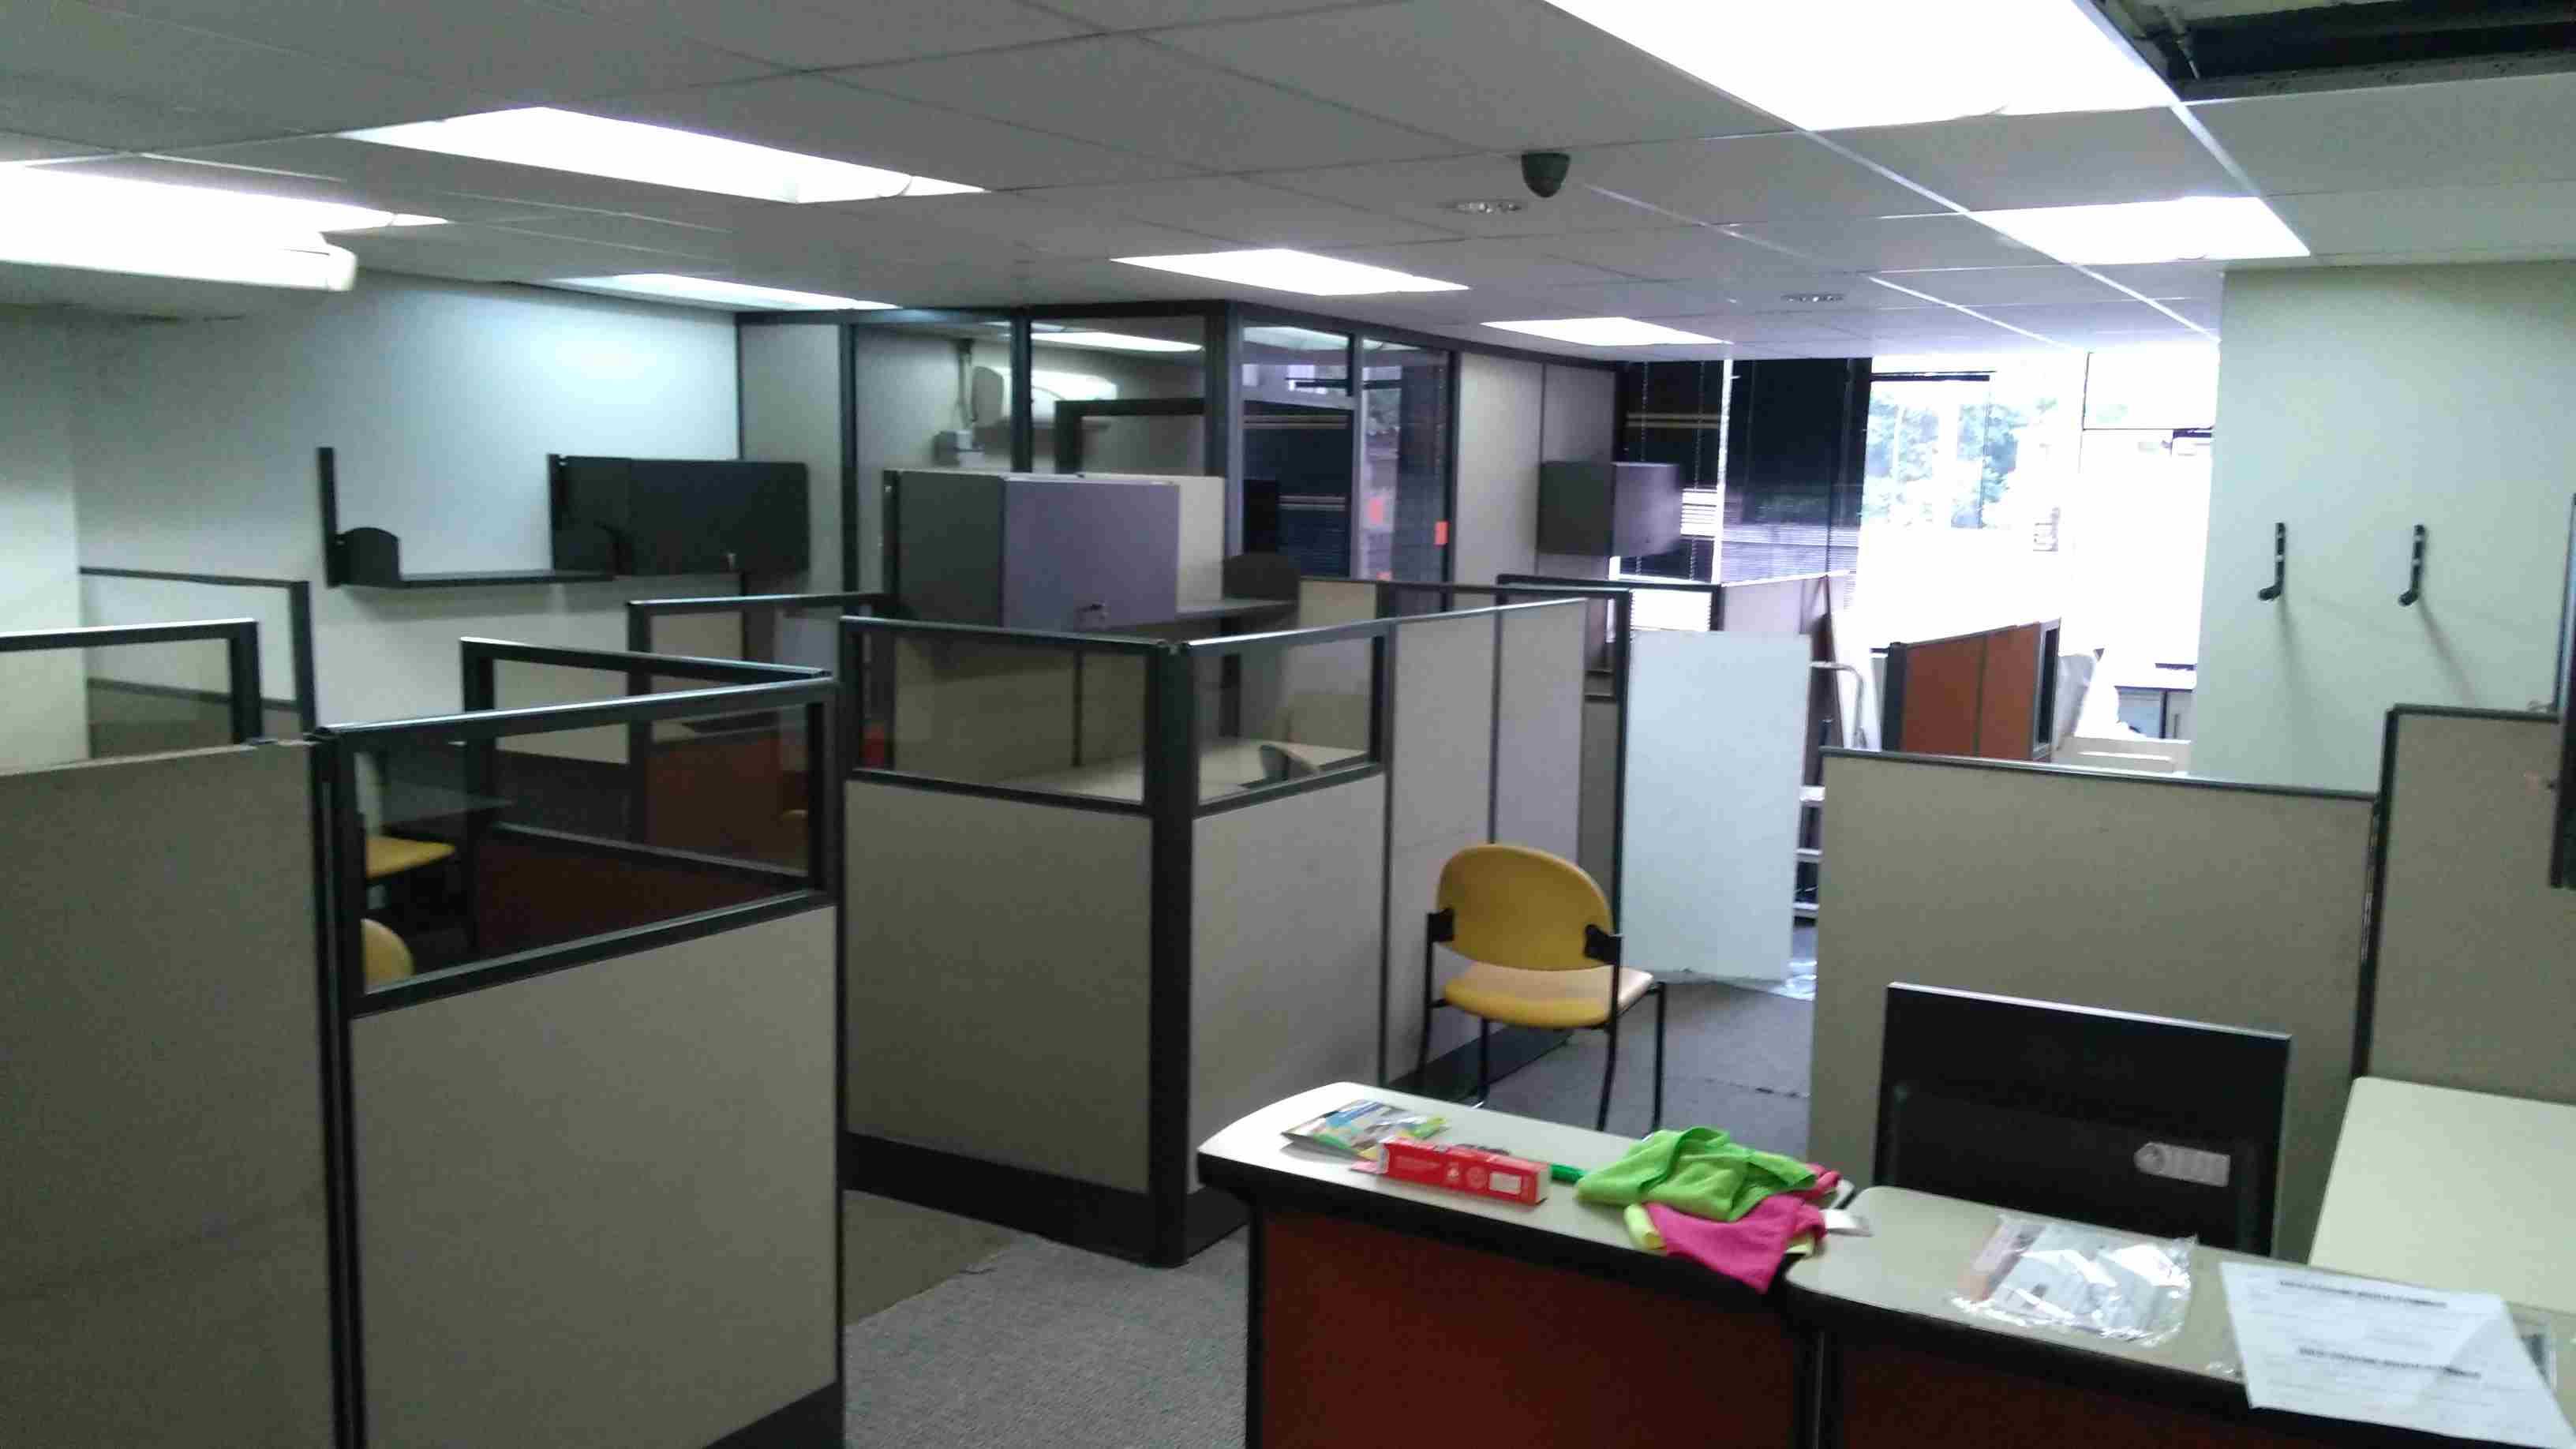 Alquiler de oficina en san isidro codigo r00956 for Codigo de oficina